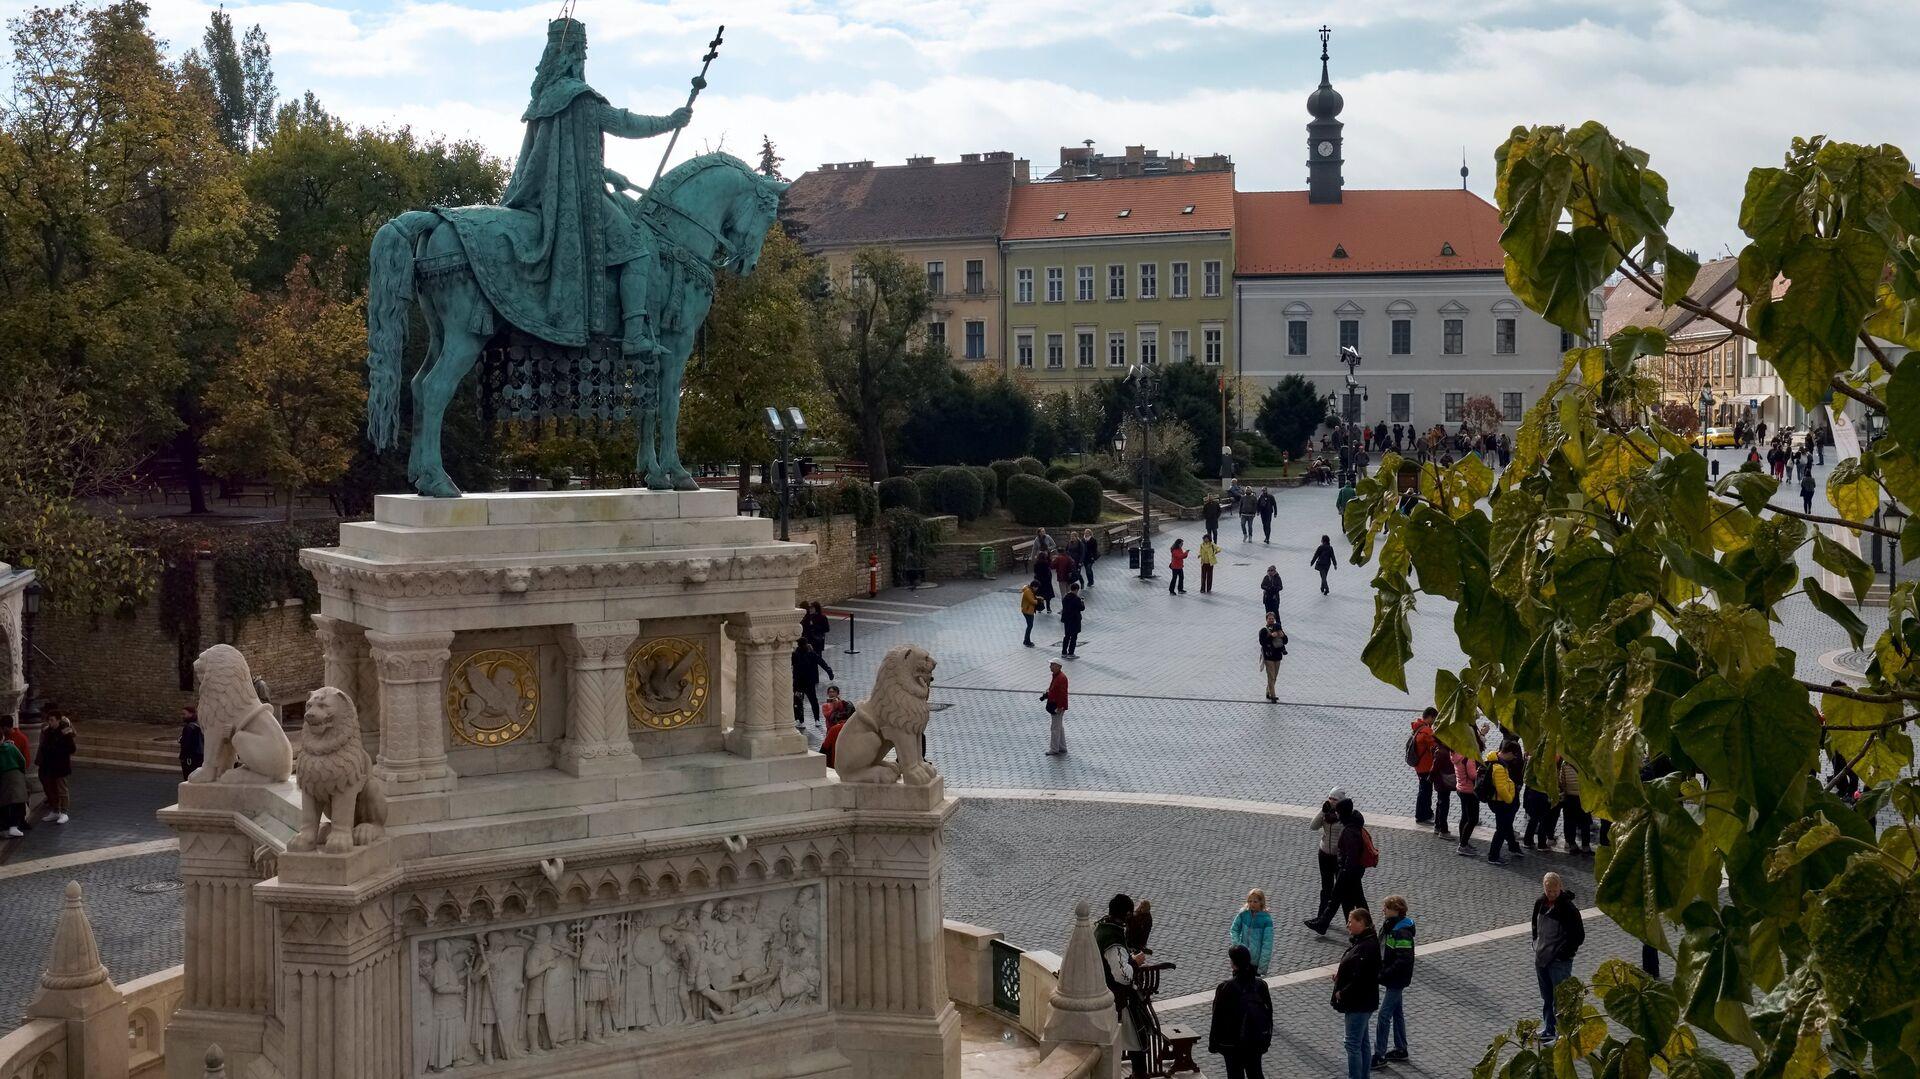 Конная статуя Святого Иштвана на территории Рыбацкого бастиона на Крепостном холме в Буде в Будапеште - РИА Новости, 1920, 26.07.2021